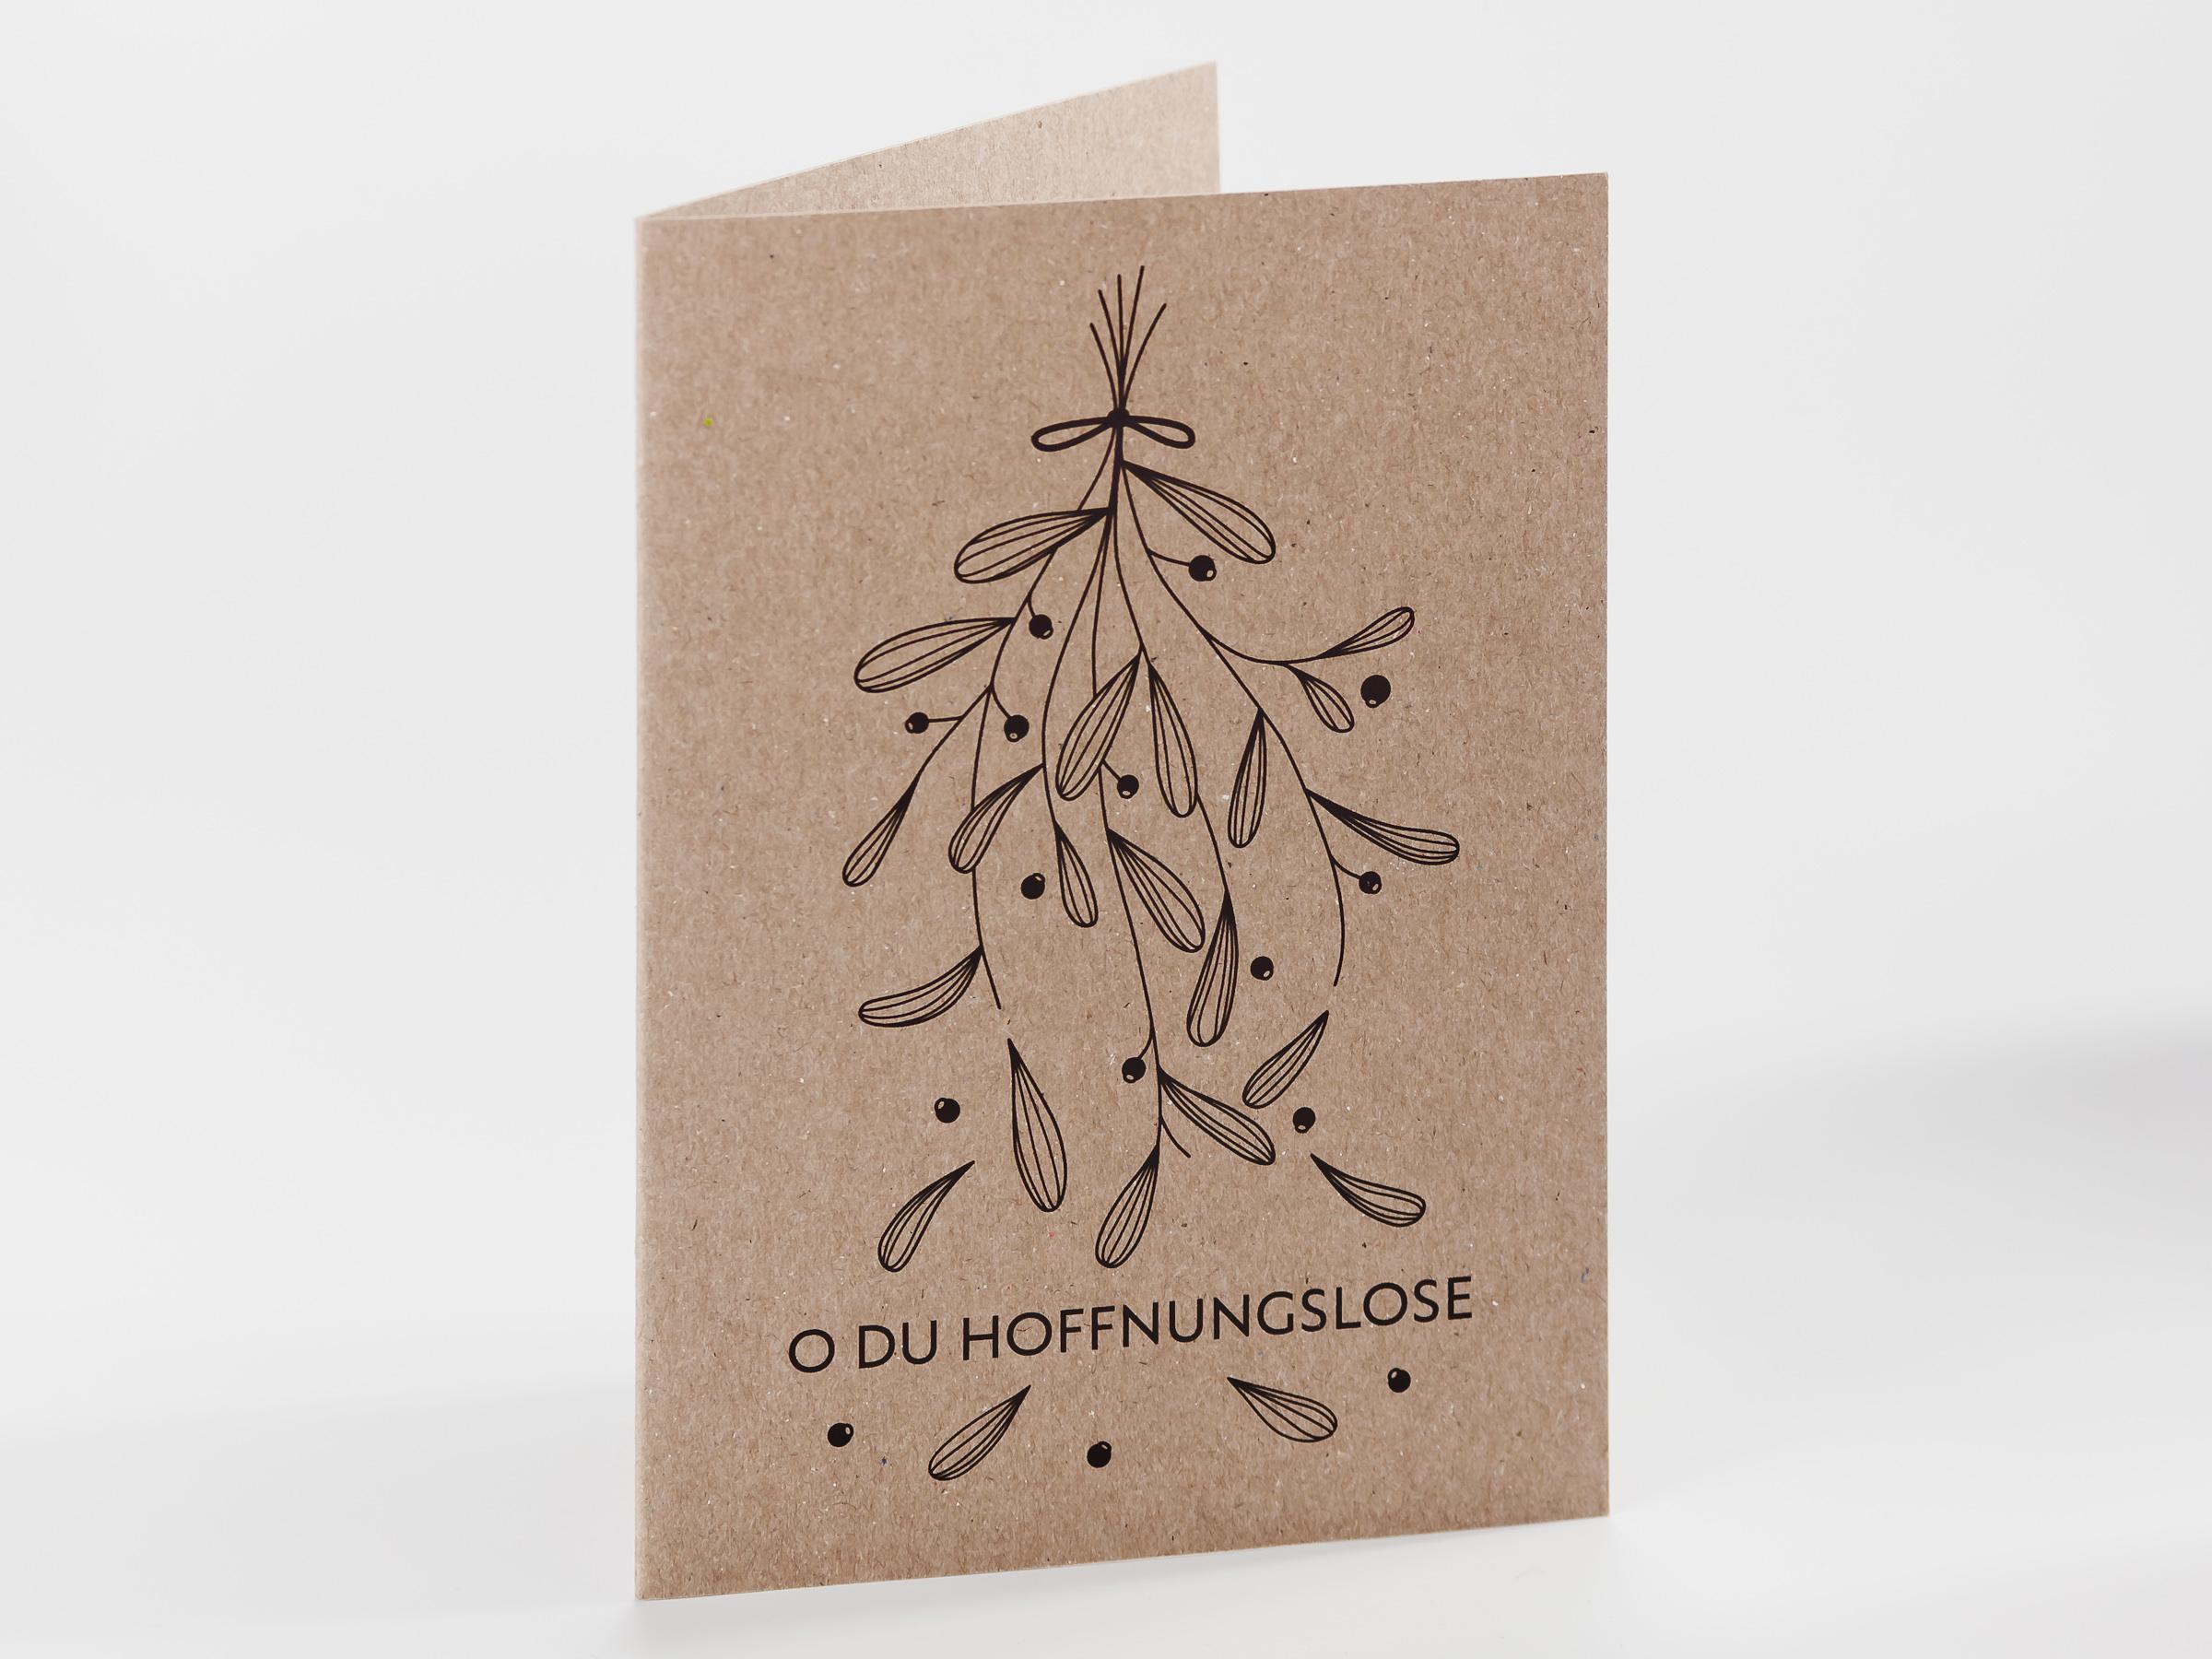 weihnachtstrauerkarte edition trostkunst. Black Bedroom Furniture Sets. Home Design Ideas